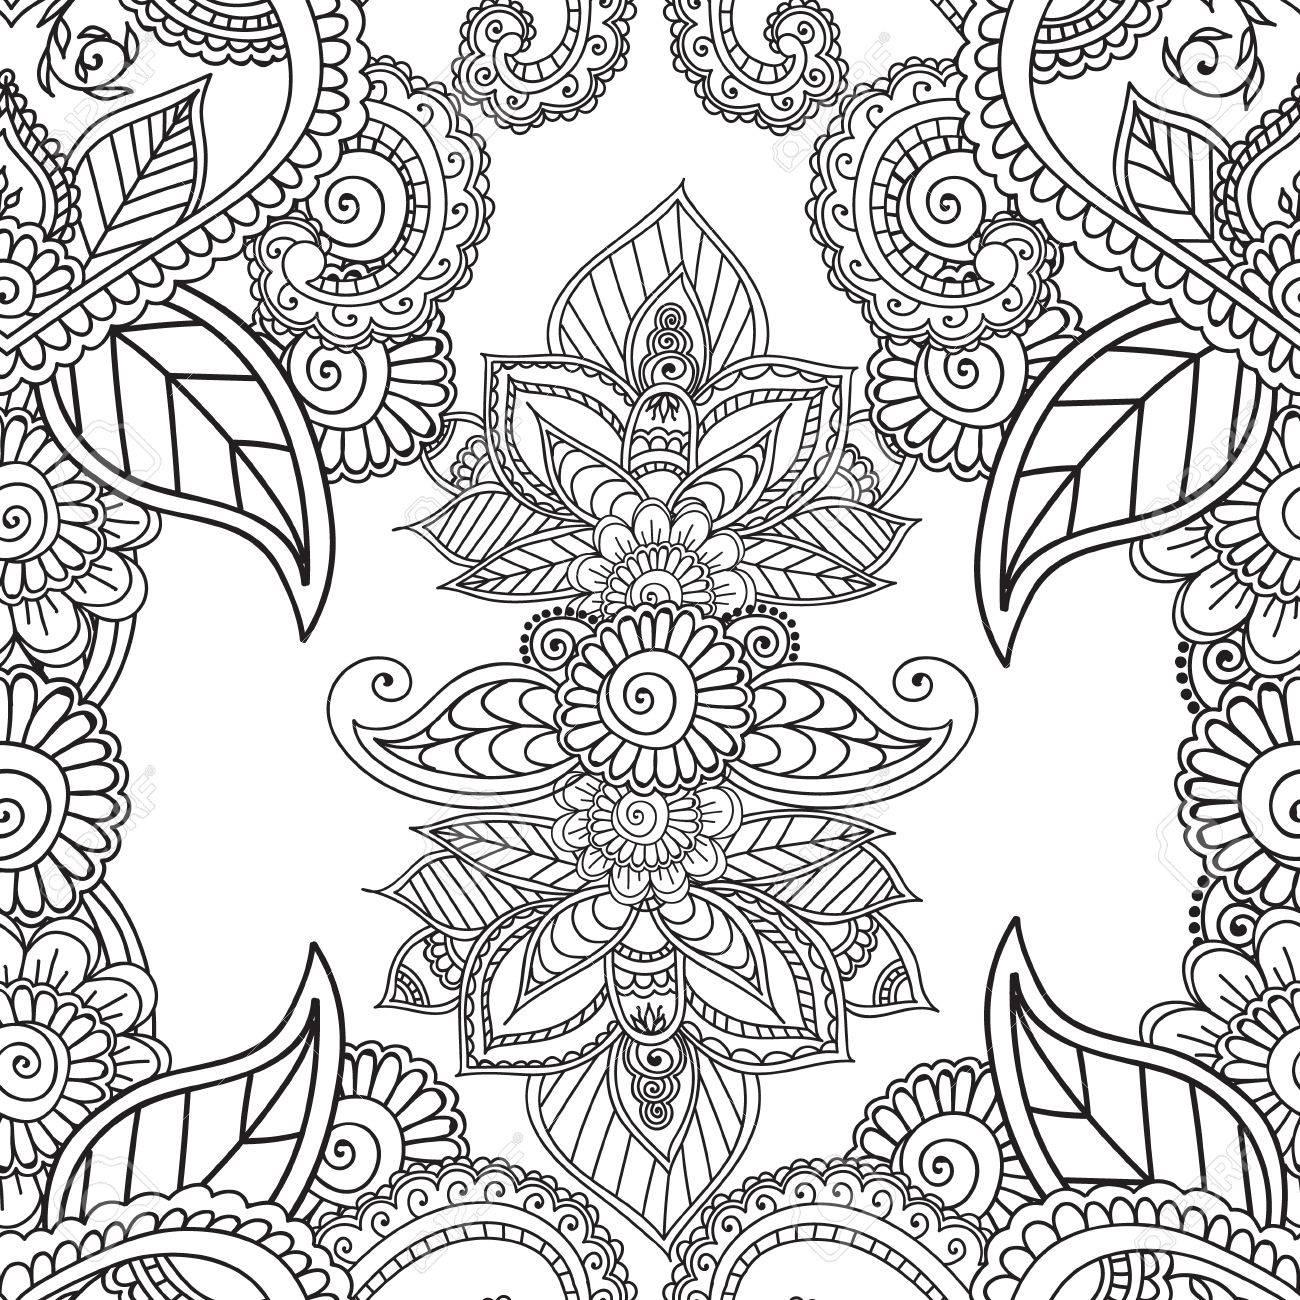 Malvorlagen F R Erwachsene Nahtlose Pattern Henna Mehndi Doodles